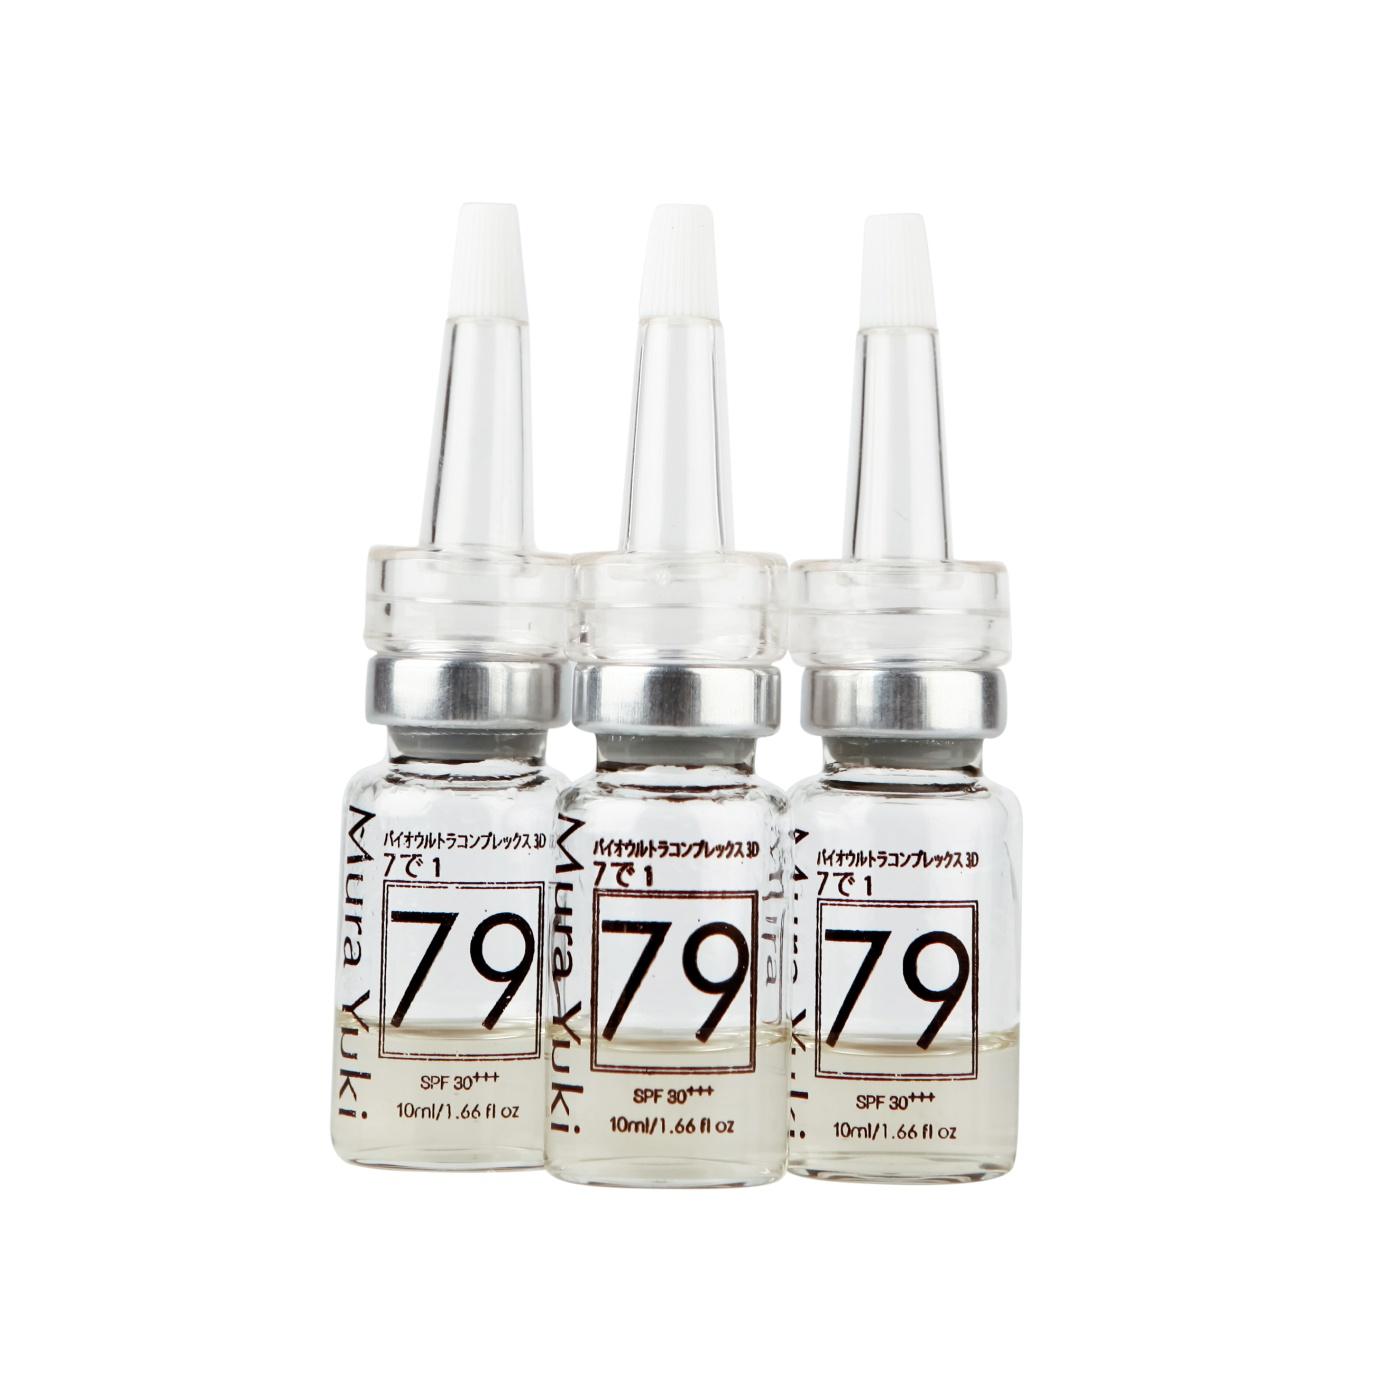 Serum trắng da nào tốt và hiệu quả vào thời điểm hiện nay